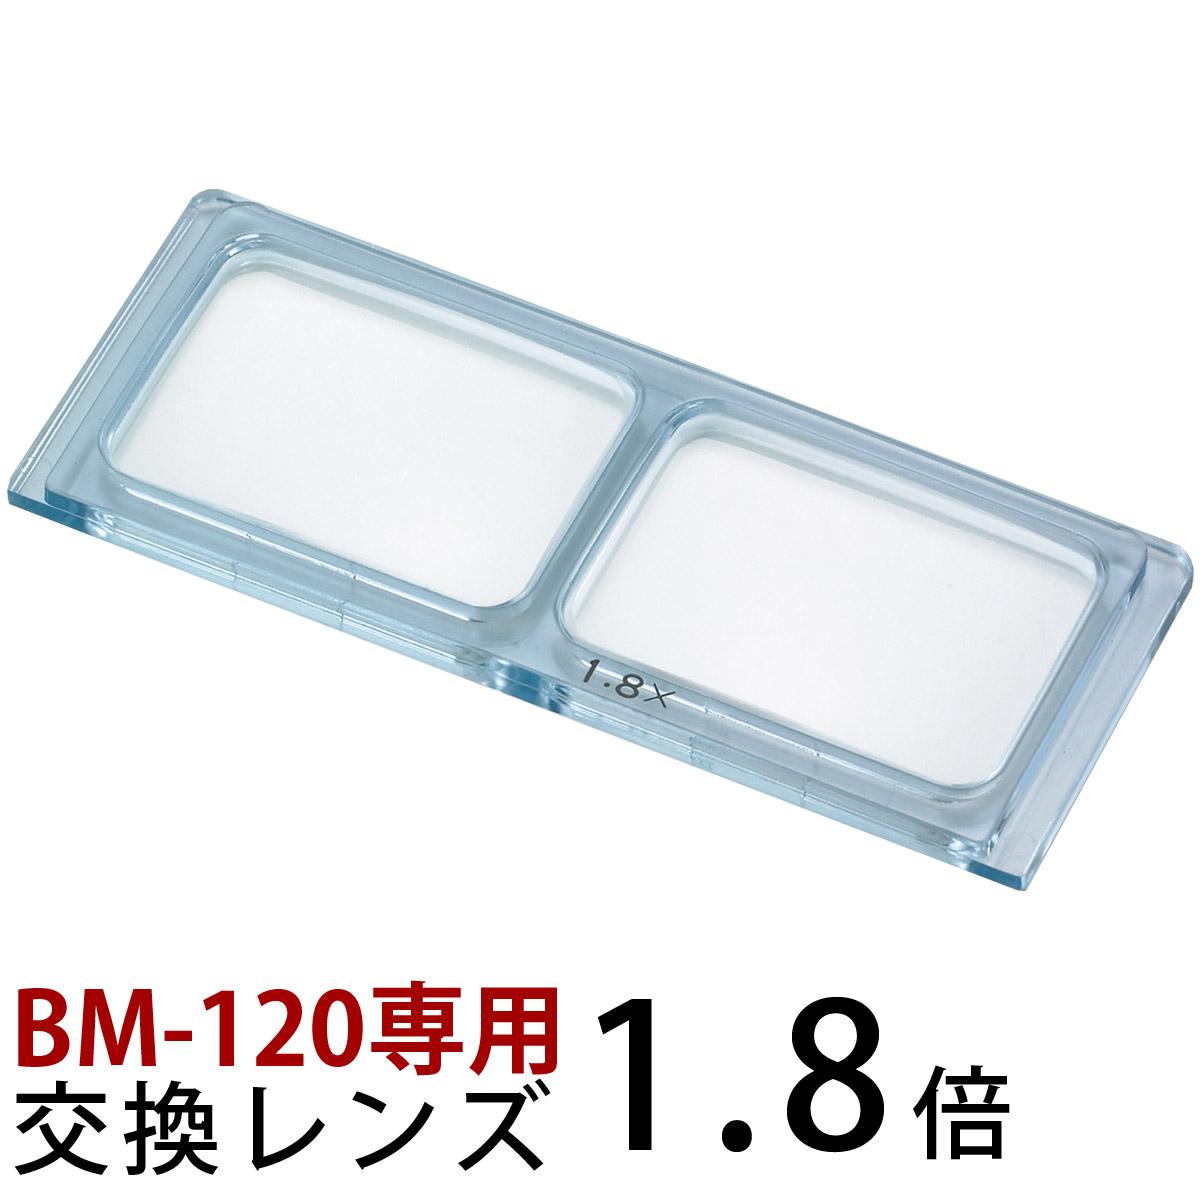 ヘッドルーペ 双眼ヘッドルーペ 交換レンズ BM-120A1 1.8倍 BM-120専用 BM-120専用 池田レンズ